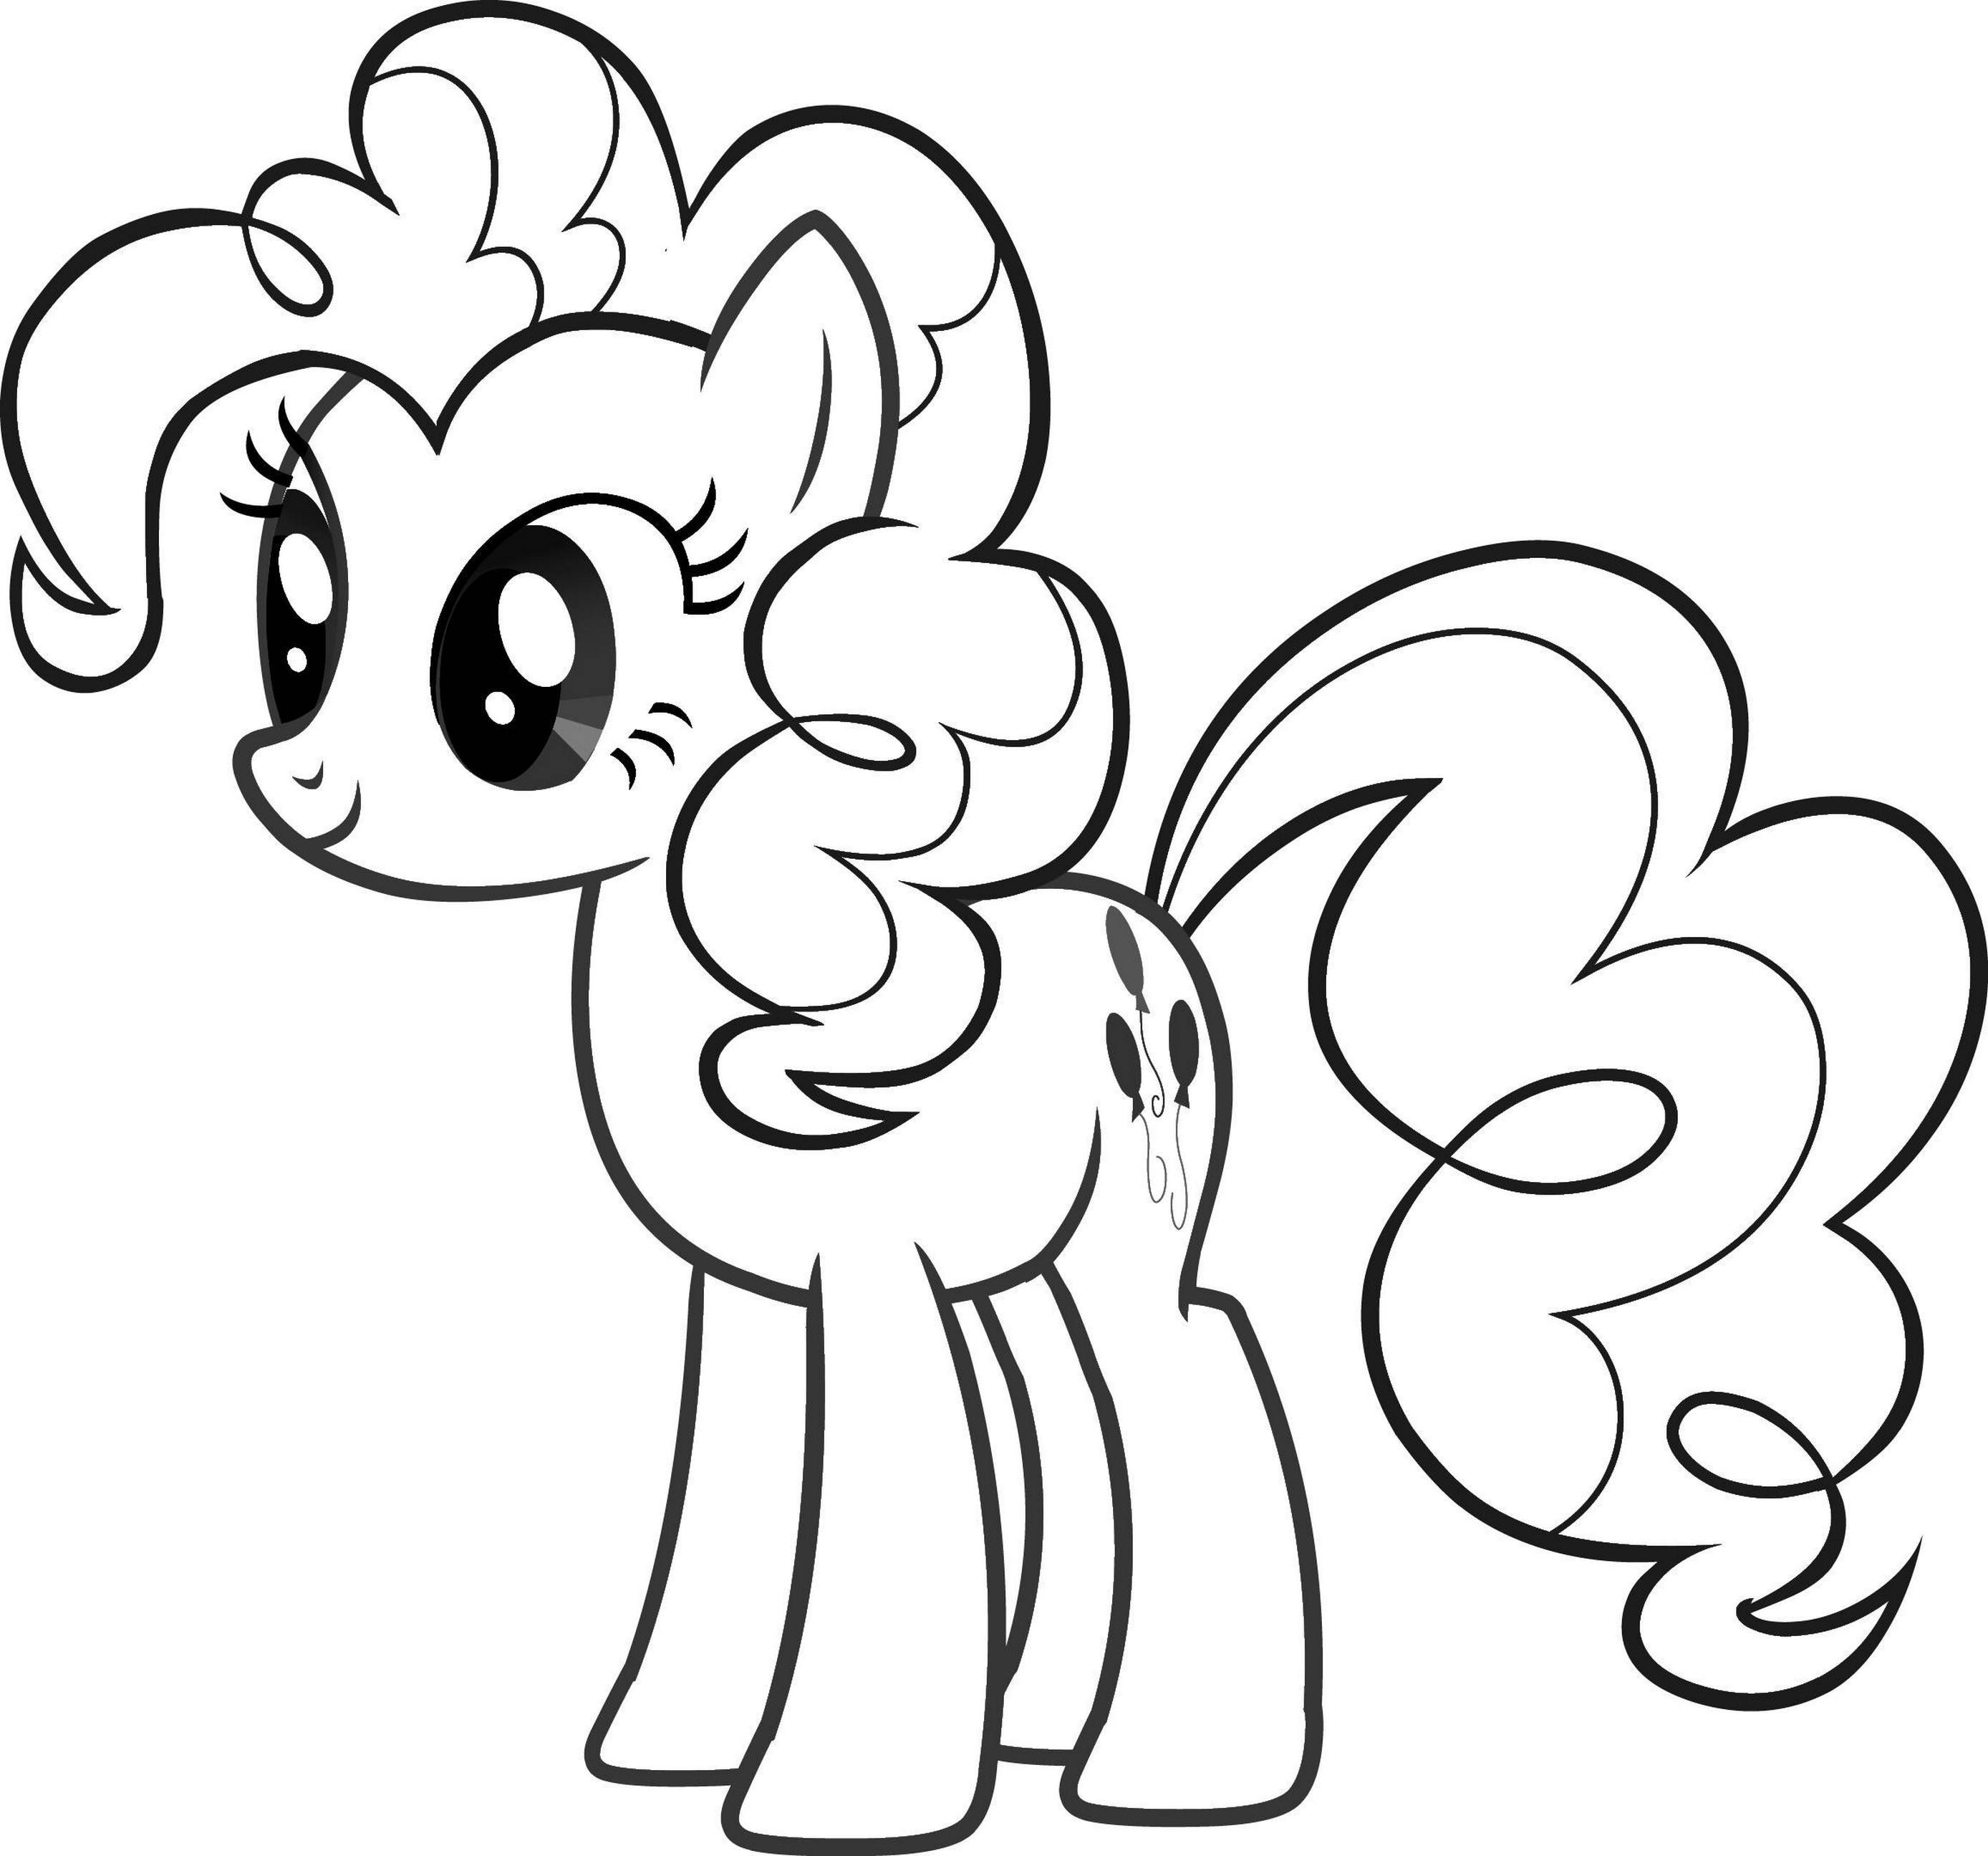 Tranh tô màu ngựa Pony cho bé